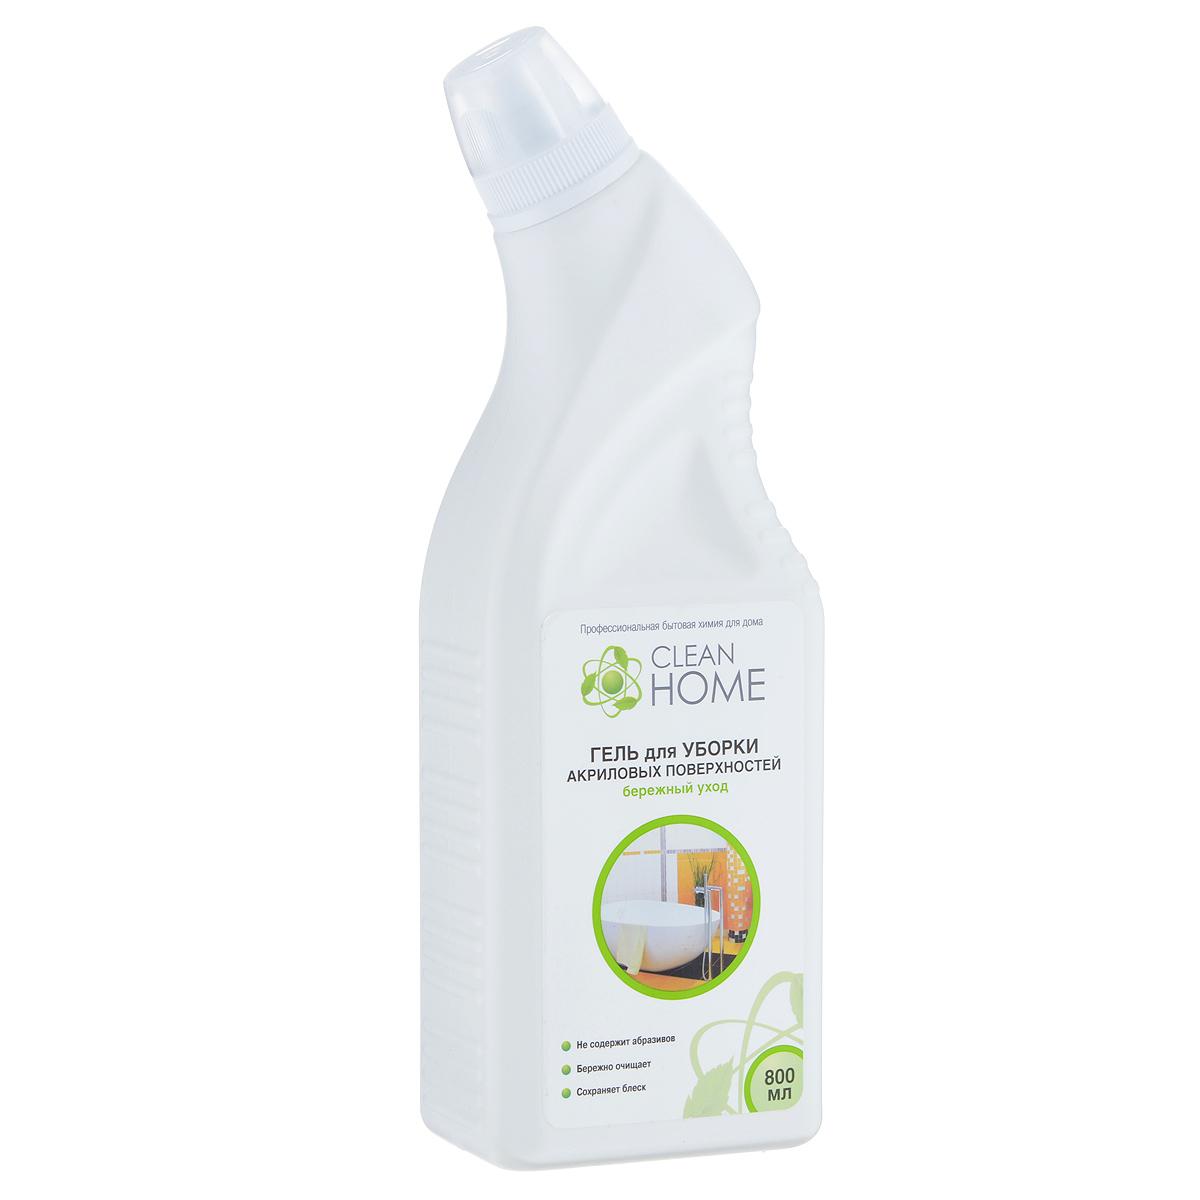 Гель Clean Home, для уборки акриловых поверхностей, 800 мл391602Гель для уборки акриловых поверхностей Clean Home создан специально для основательной чистки, обеззараживания и обновления акриловых ванн, душевых кабин, а также для профилактики и очистки систем джакузи.Также подходит для эмалированных ванн, раковин, унитазов, керамики. Удаляет стойкие и застарелые загрязнения, мыльный налет, известковые отложения и водный камень. Создает пленку, которая защищаетповерхностьот быстрого загрязнения, облегчает последующий уход, продлевает срок службы и придает блеск на долгое время. Линия профессиональной бытовой химии для дома Clean Home представлена гаммой средств для стирки и уборки дома. Clean Home - это весь необходимый ряд высокоэффективных универсальных средств европейского качества.Состав: вода, менее 5% НПАВ, органическая кислота, полимер, функциональные добавки, гидроксид натрия, ароматизатор.